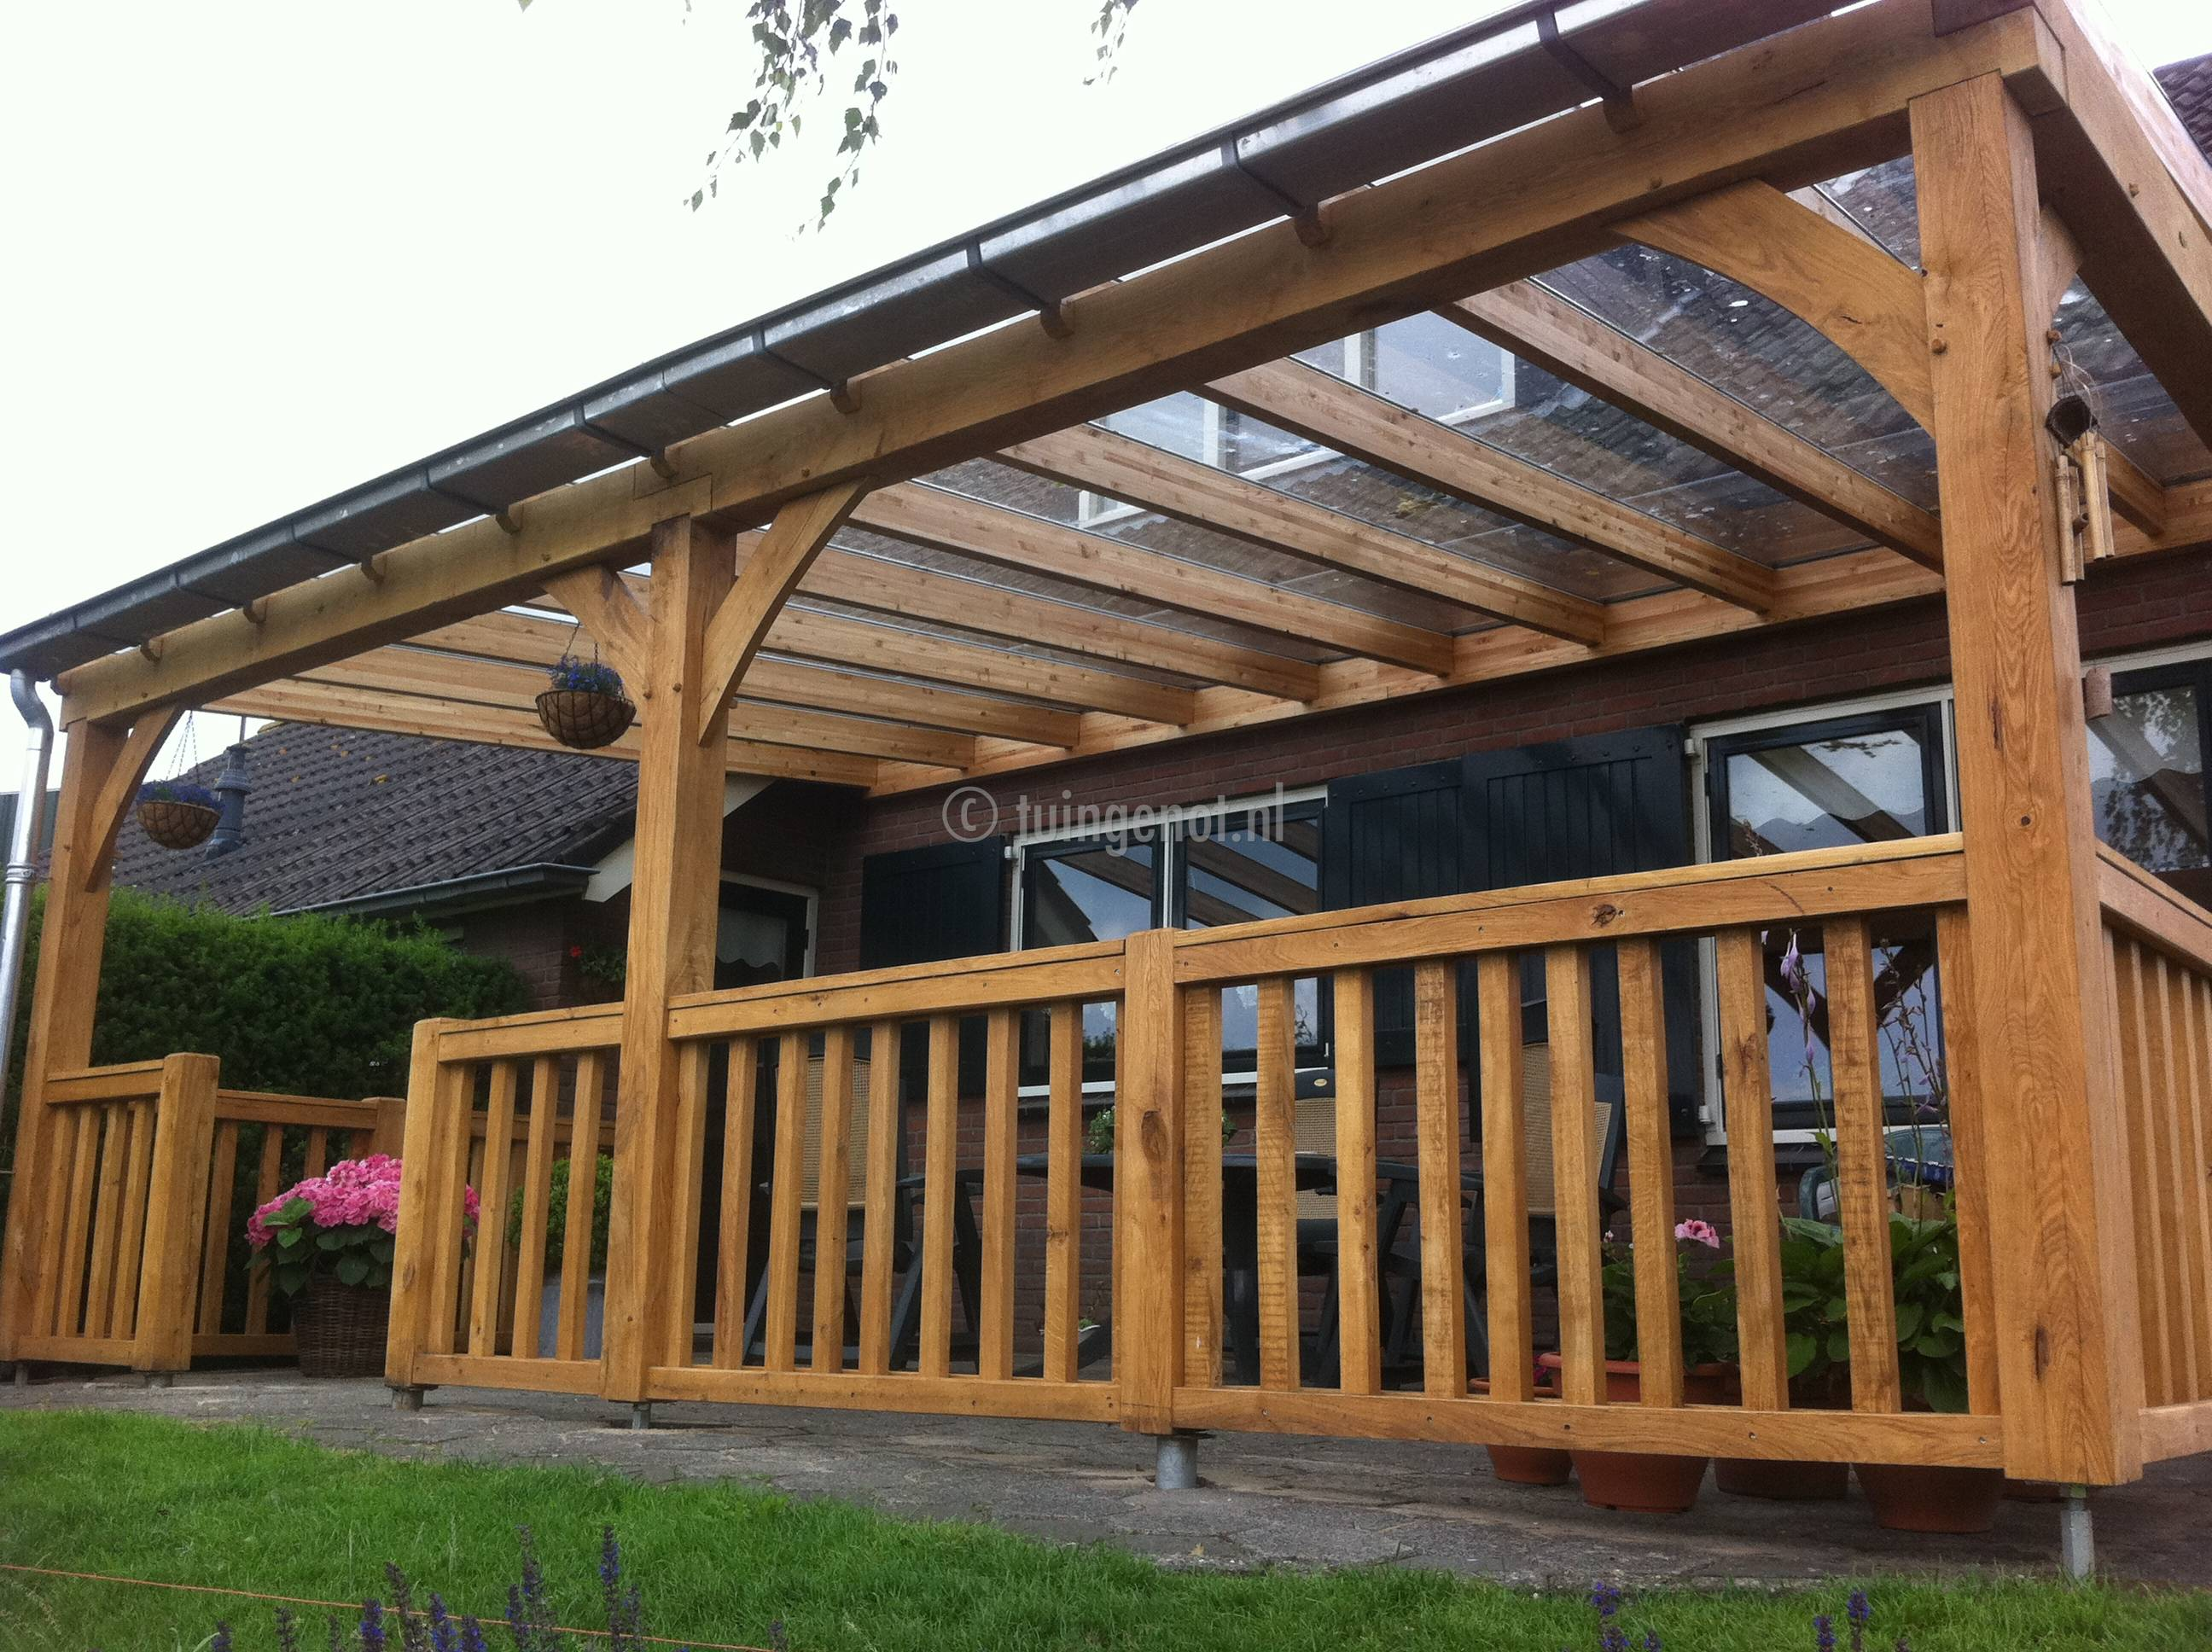 Tuingenot houten veranda met glazen dak en for Zelf huis bouwen kostprijs